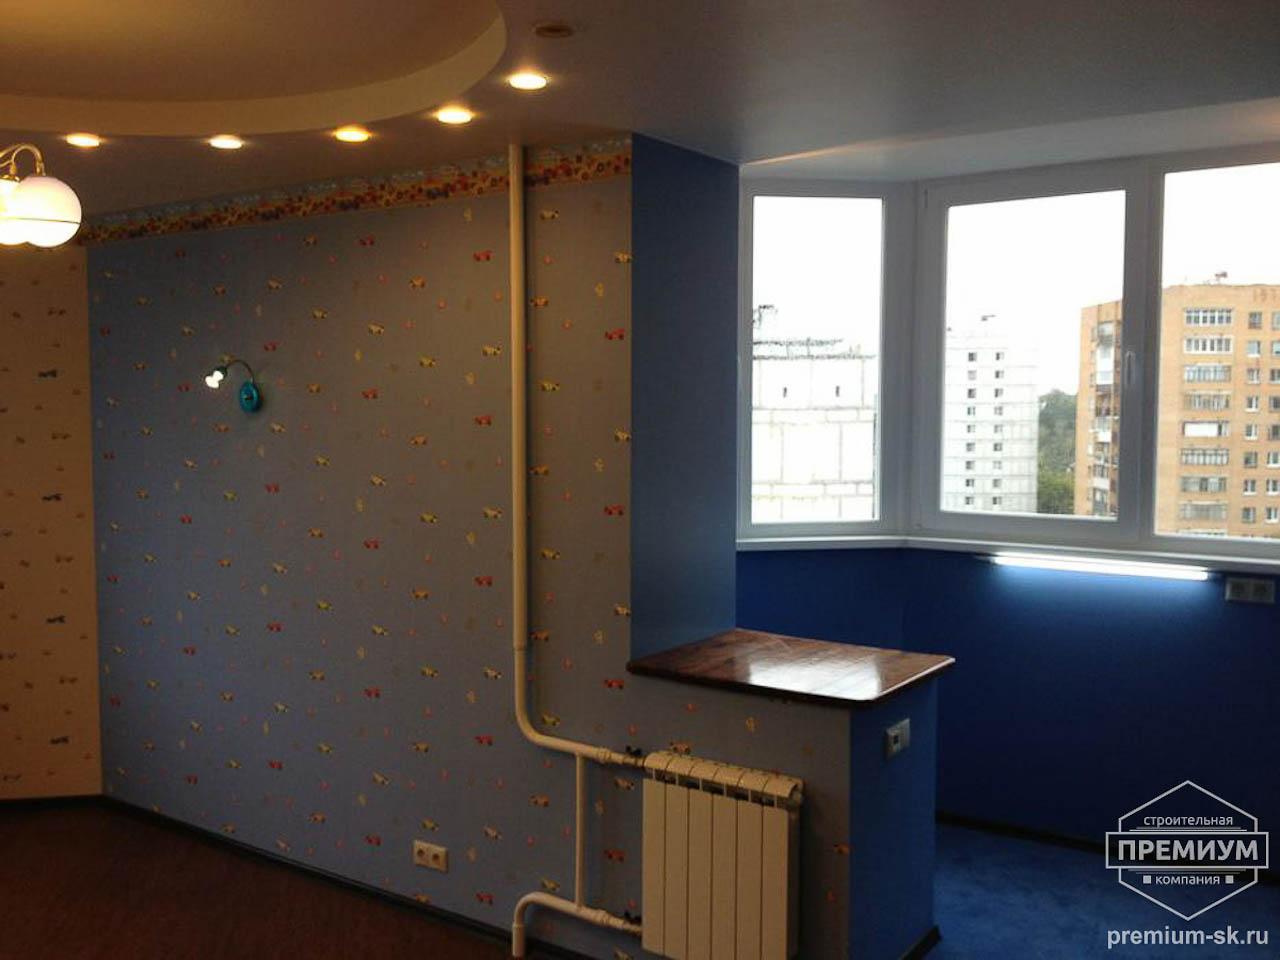 Объединение балкона с детской комнаты: 15 кв.